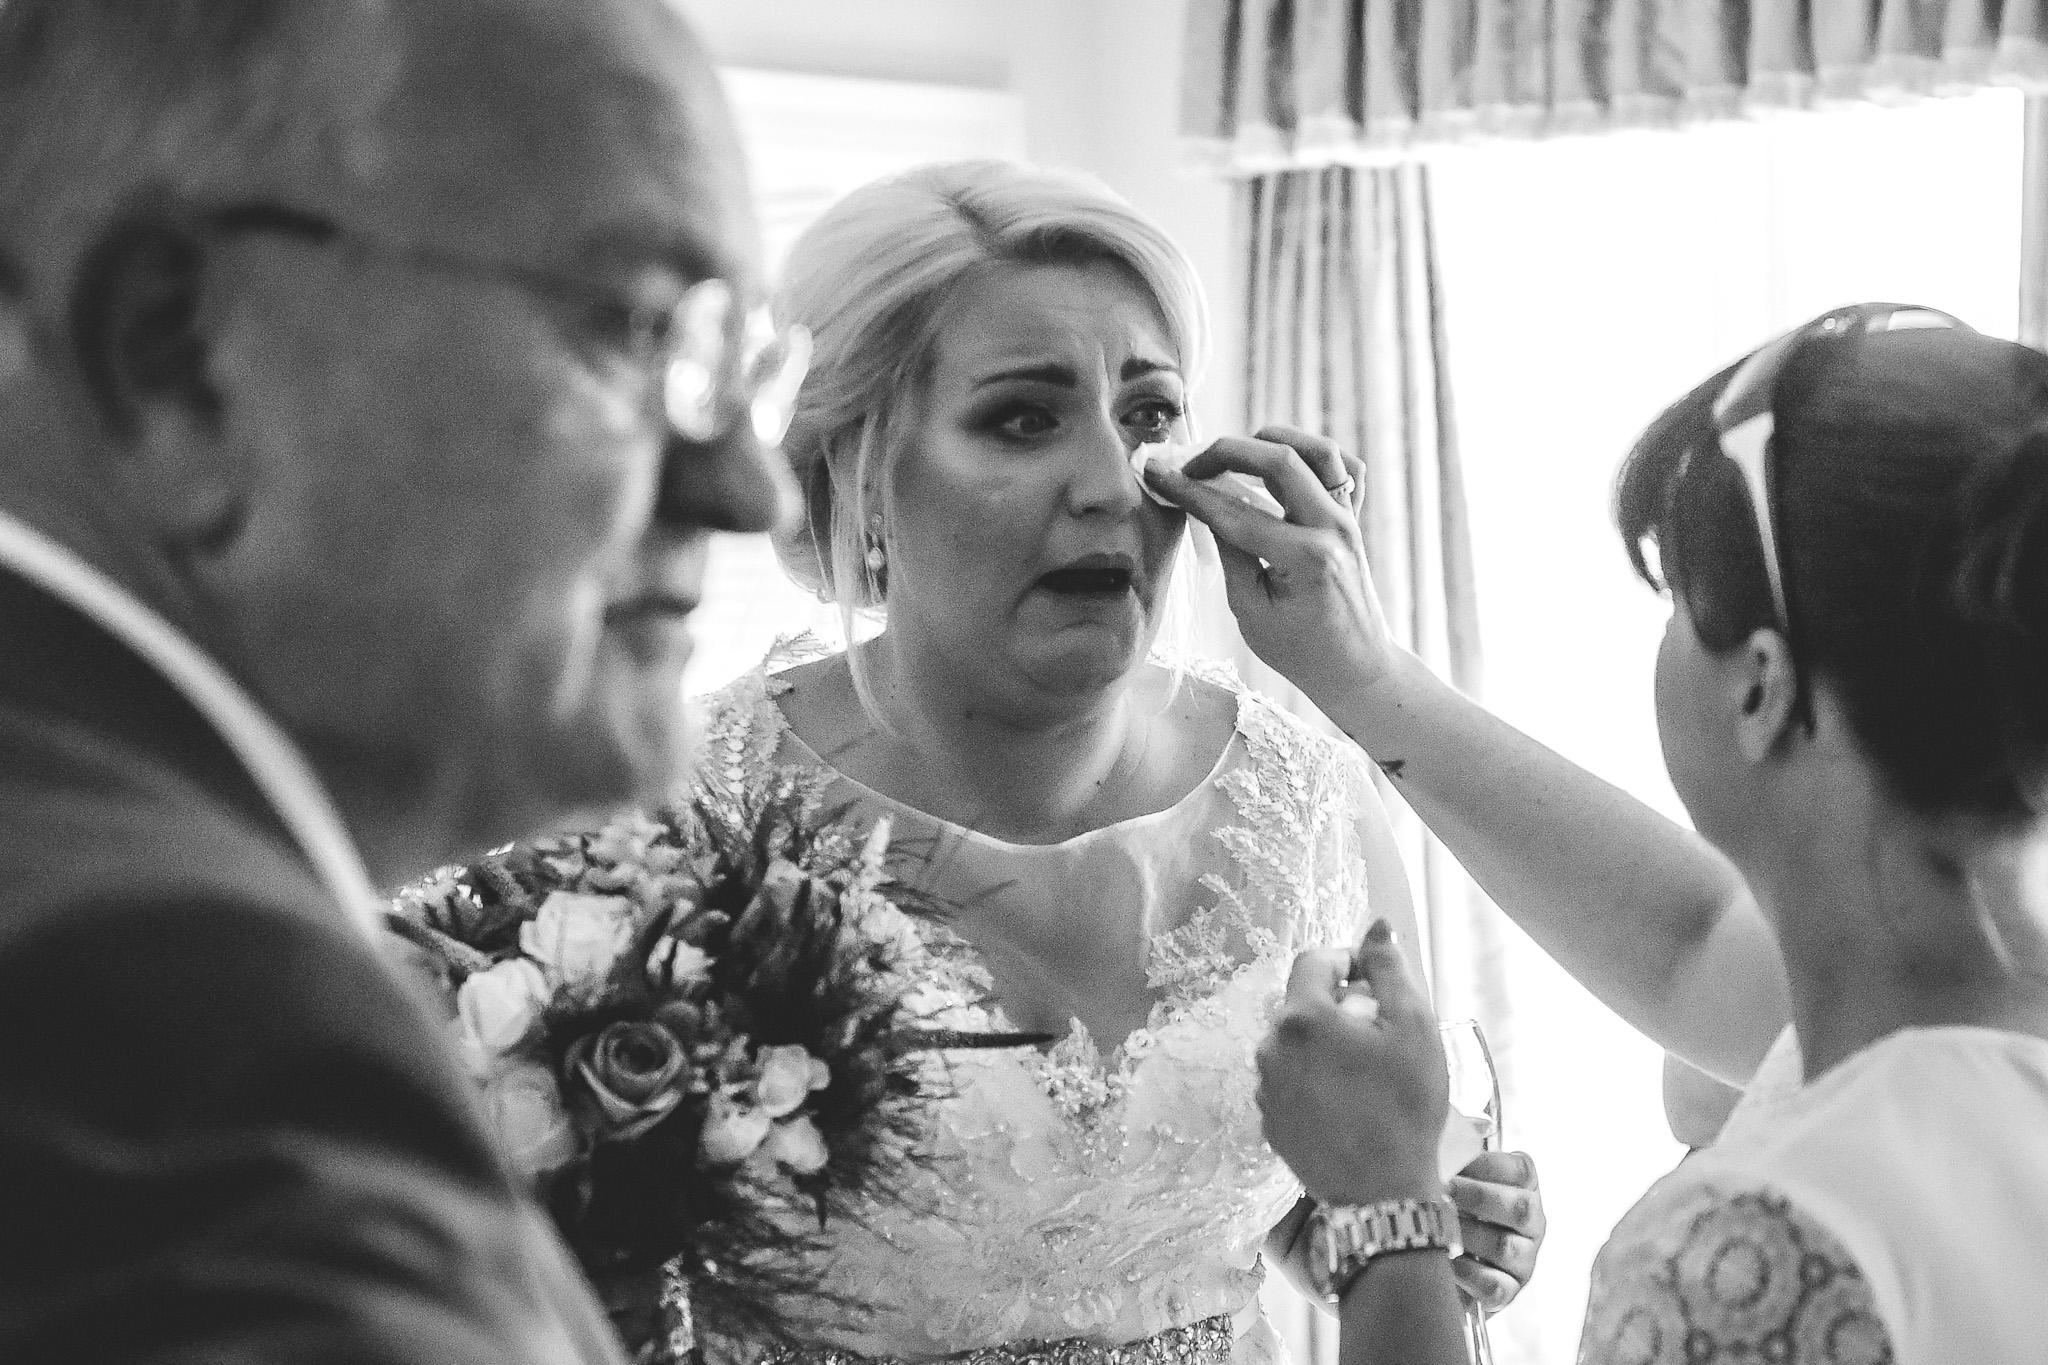 Bride getting emotional